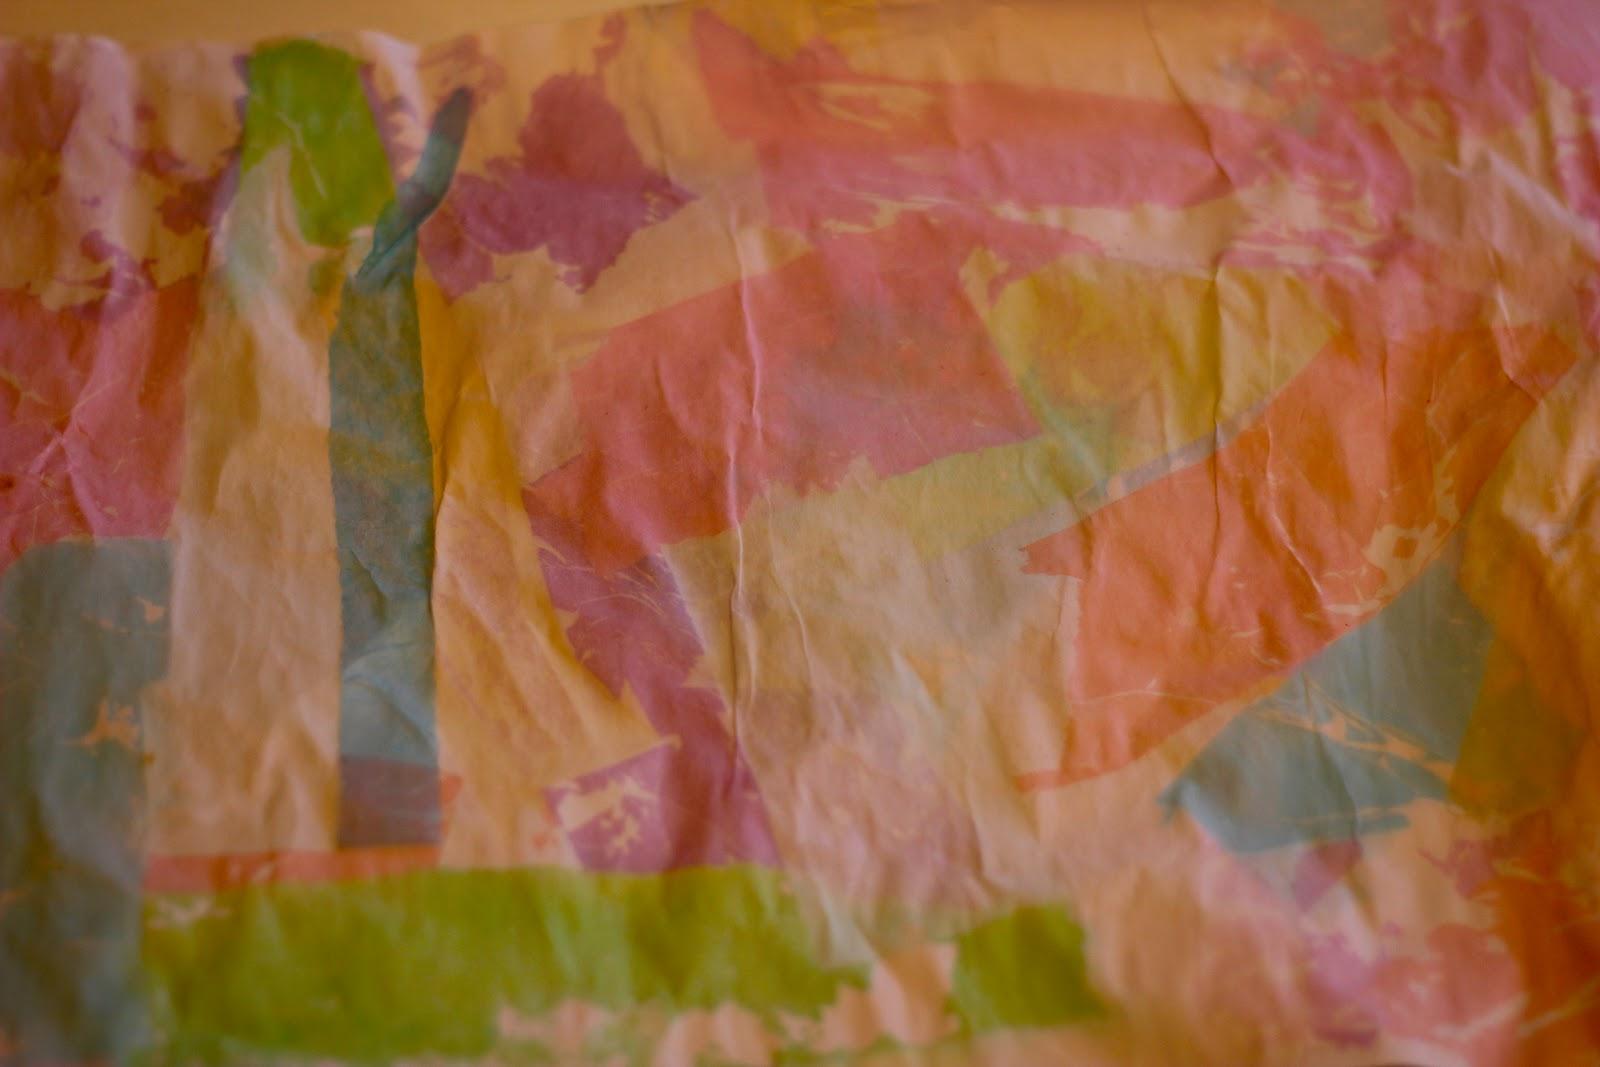 Bleeding tissue paper